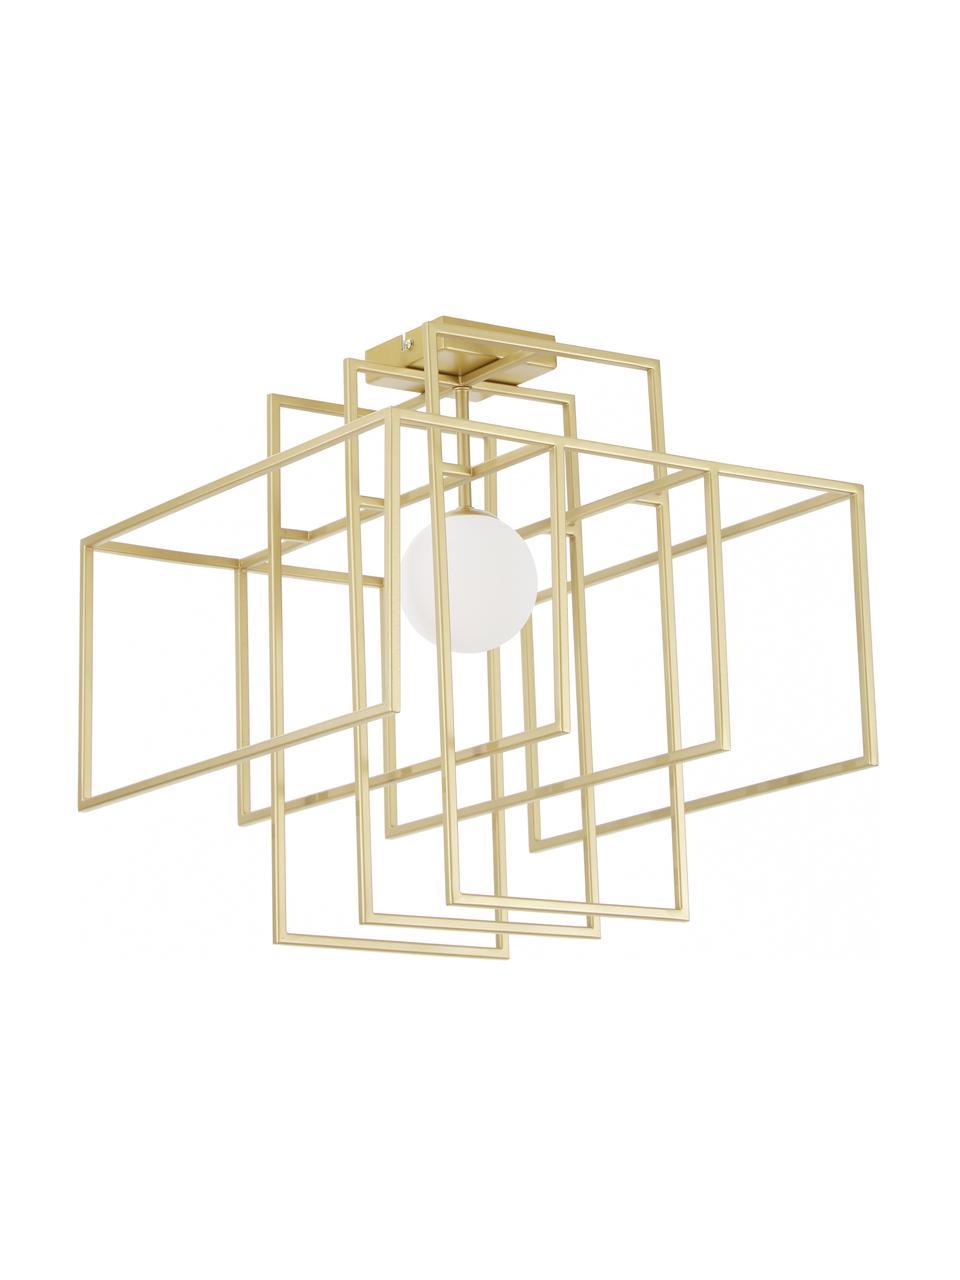 Design Deckenleuchte Rubic mit Glasschirm, Lampenschirm: Glas, Baldachin: Metall, pulverbeschichtet, Gold, 40 x 43 cm